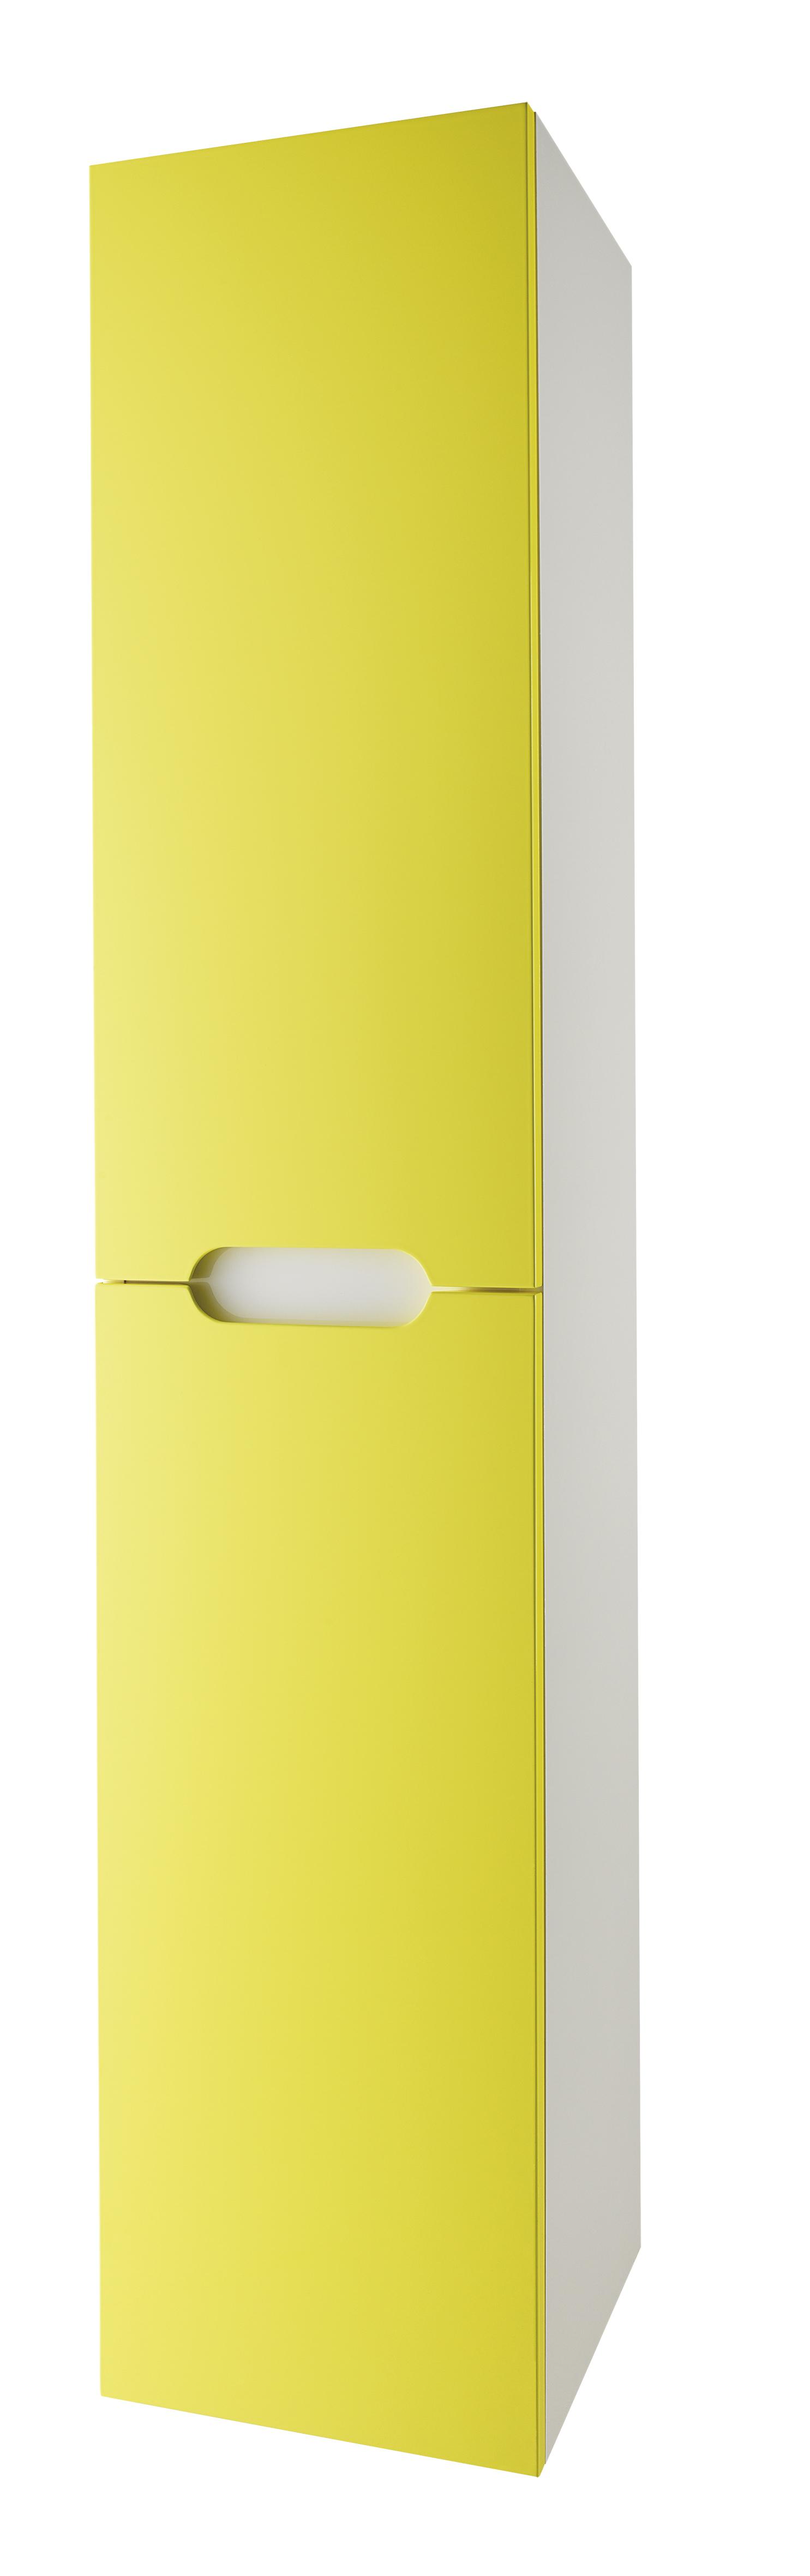 Пенал DrejaМебель для ванной комнаты<br>Тип: пенал,<br>Тип установки мебели для ванной: подвесной,<br>Материал изготовления мебели для ванной: мдф,<br>Цвет мебели для ванной: цветные,<br>Коллекция: color<br>